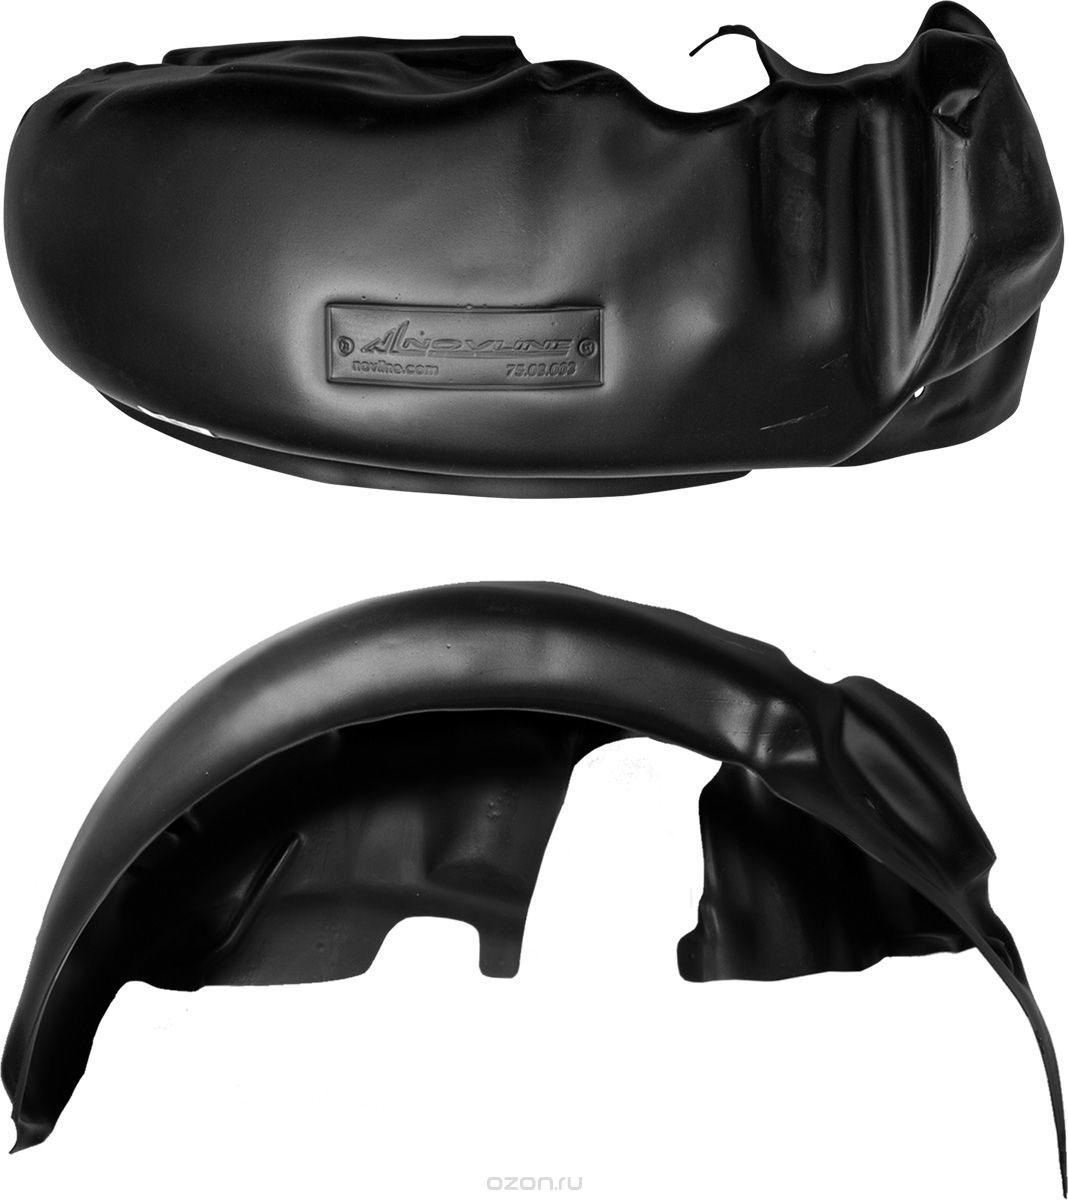 Подкрылок Novline-Autofamily, для КIА Sportage, 2016->, кроссовер, задний левыйDW90Идеальная защита колесной ниши. Локеры разработаны с применением цифровых технологий, гарантируют максимальную повторяемость поверхности арки. Изделия устанавливаются без нарушения лакокрасочного покрытия автомобиля, каждый подкрылок комплектуется крепежом. Уважаемые клиенты, обращаем ваше внимание, что фотографии на подкрылки универсальные и не отражают реальную форму изделия. При этом само изделие идет точно под размер указанного автомобиля.